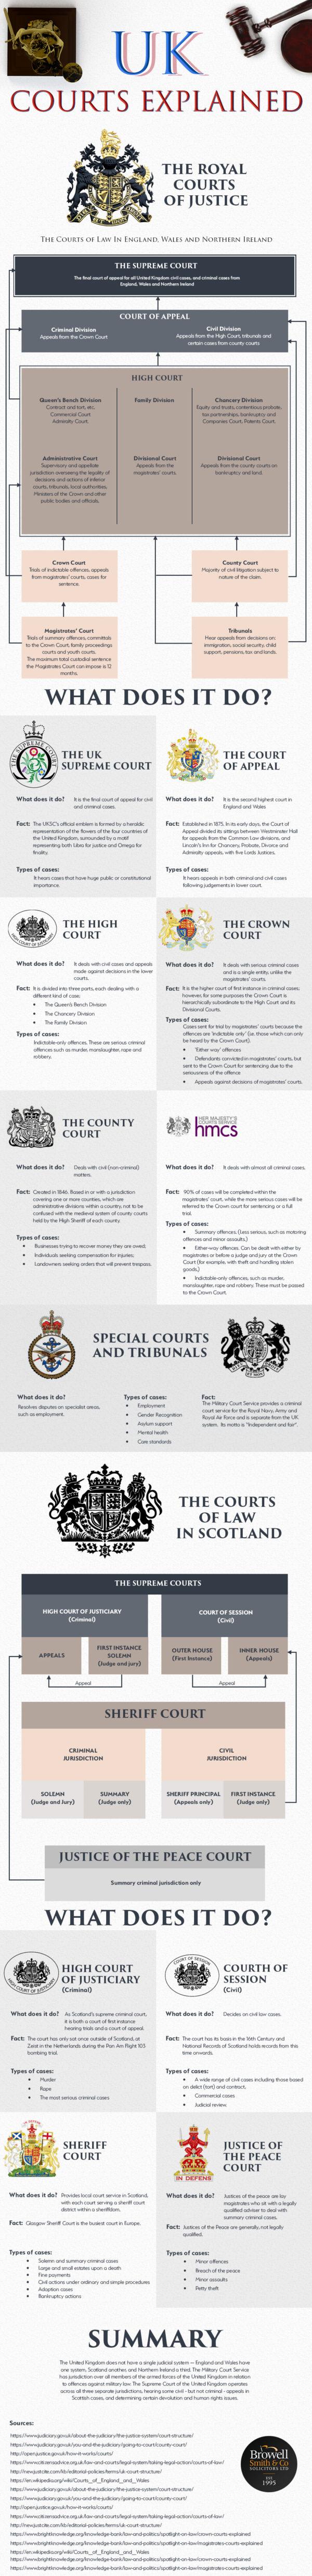 UK Courts Explained [Infographic]